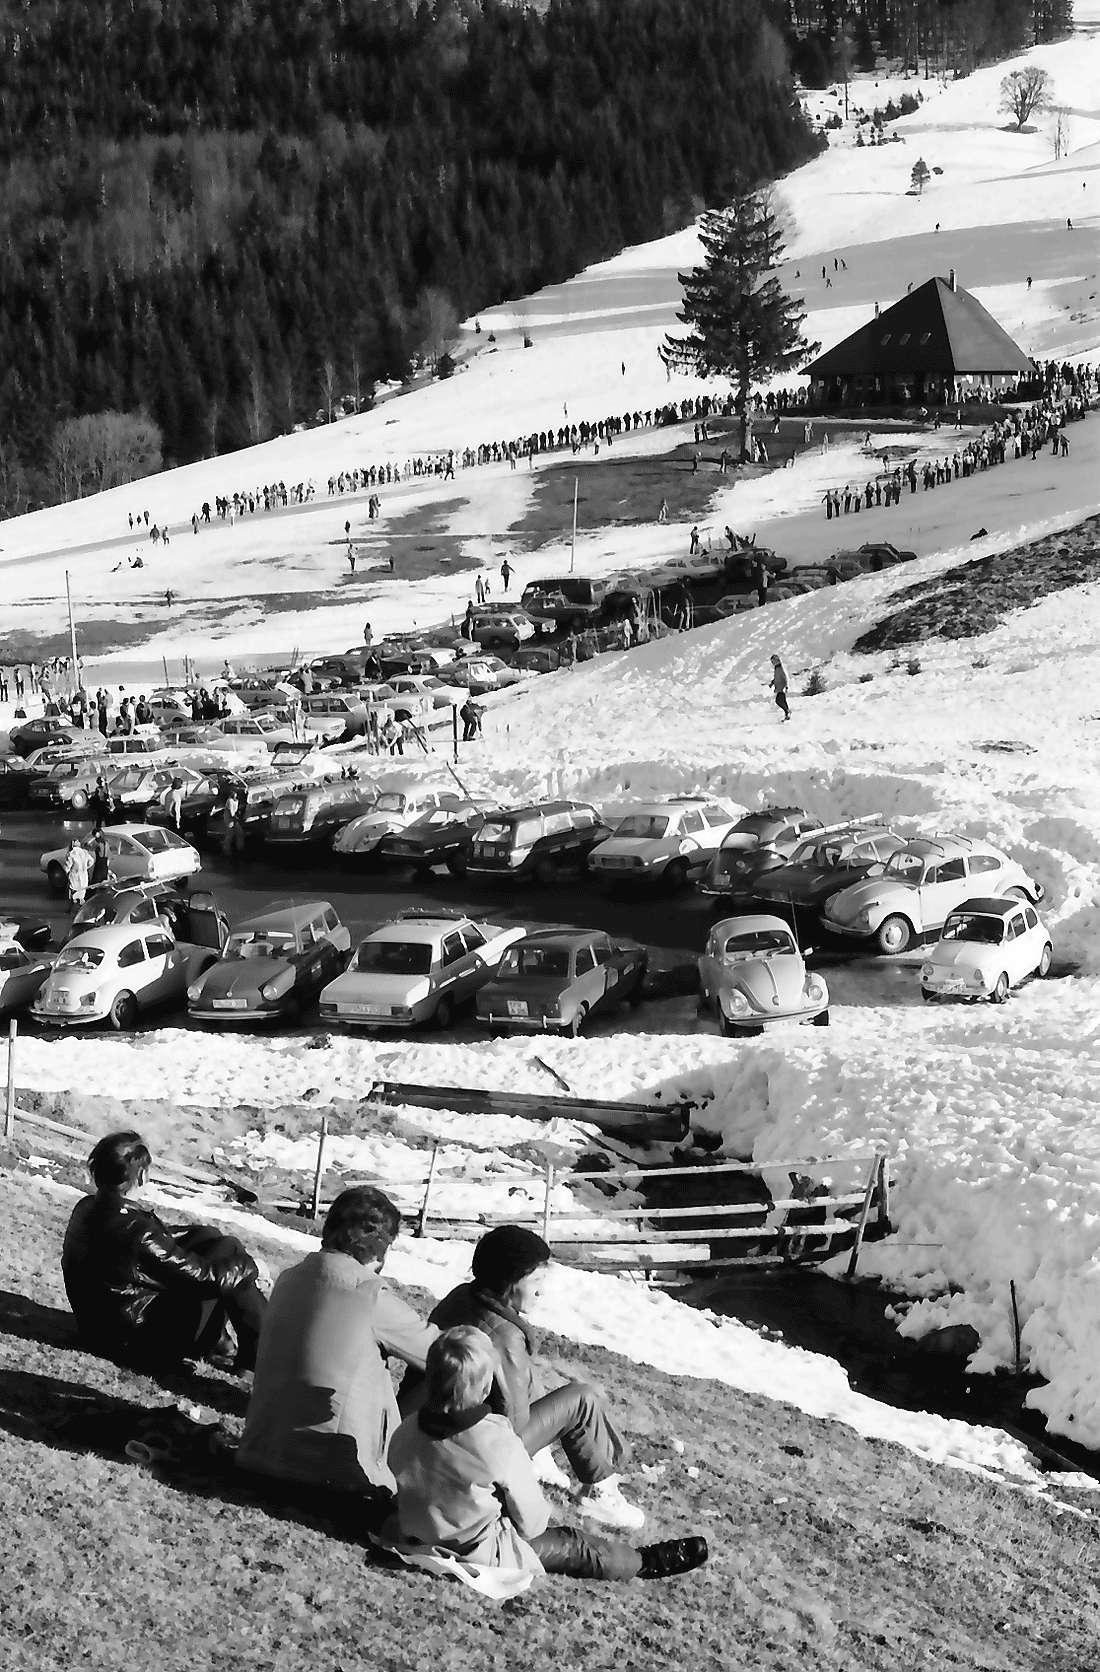 Oberried: Wintersportbetrieb vor der Stollenbacher Hütte, Bild 2